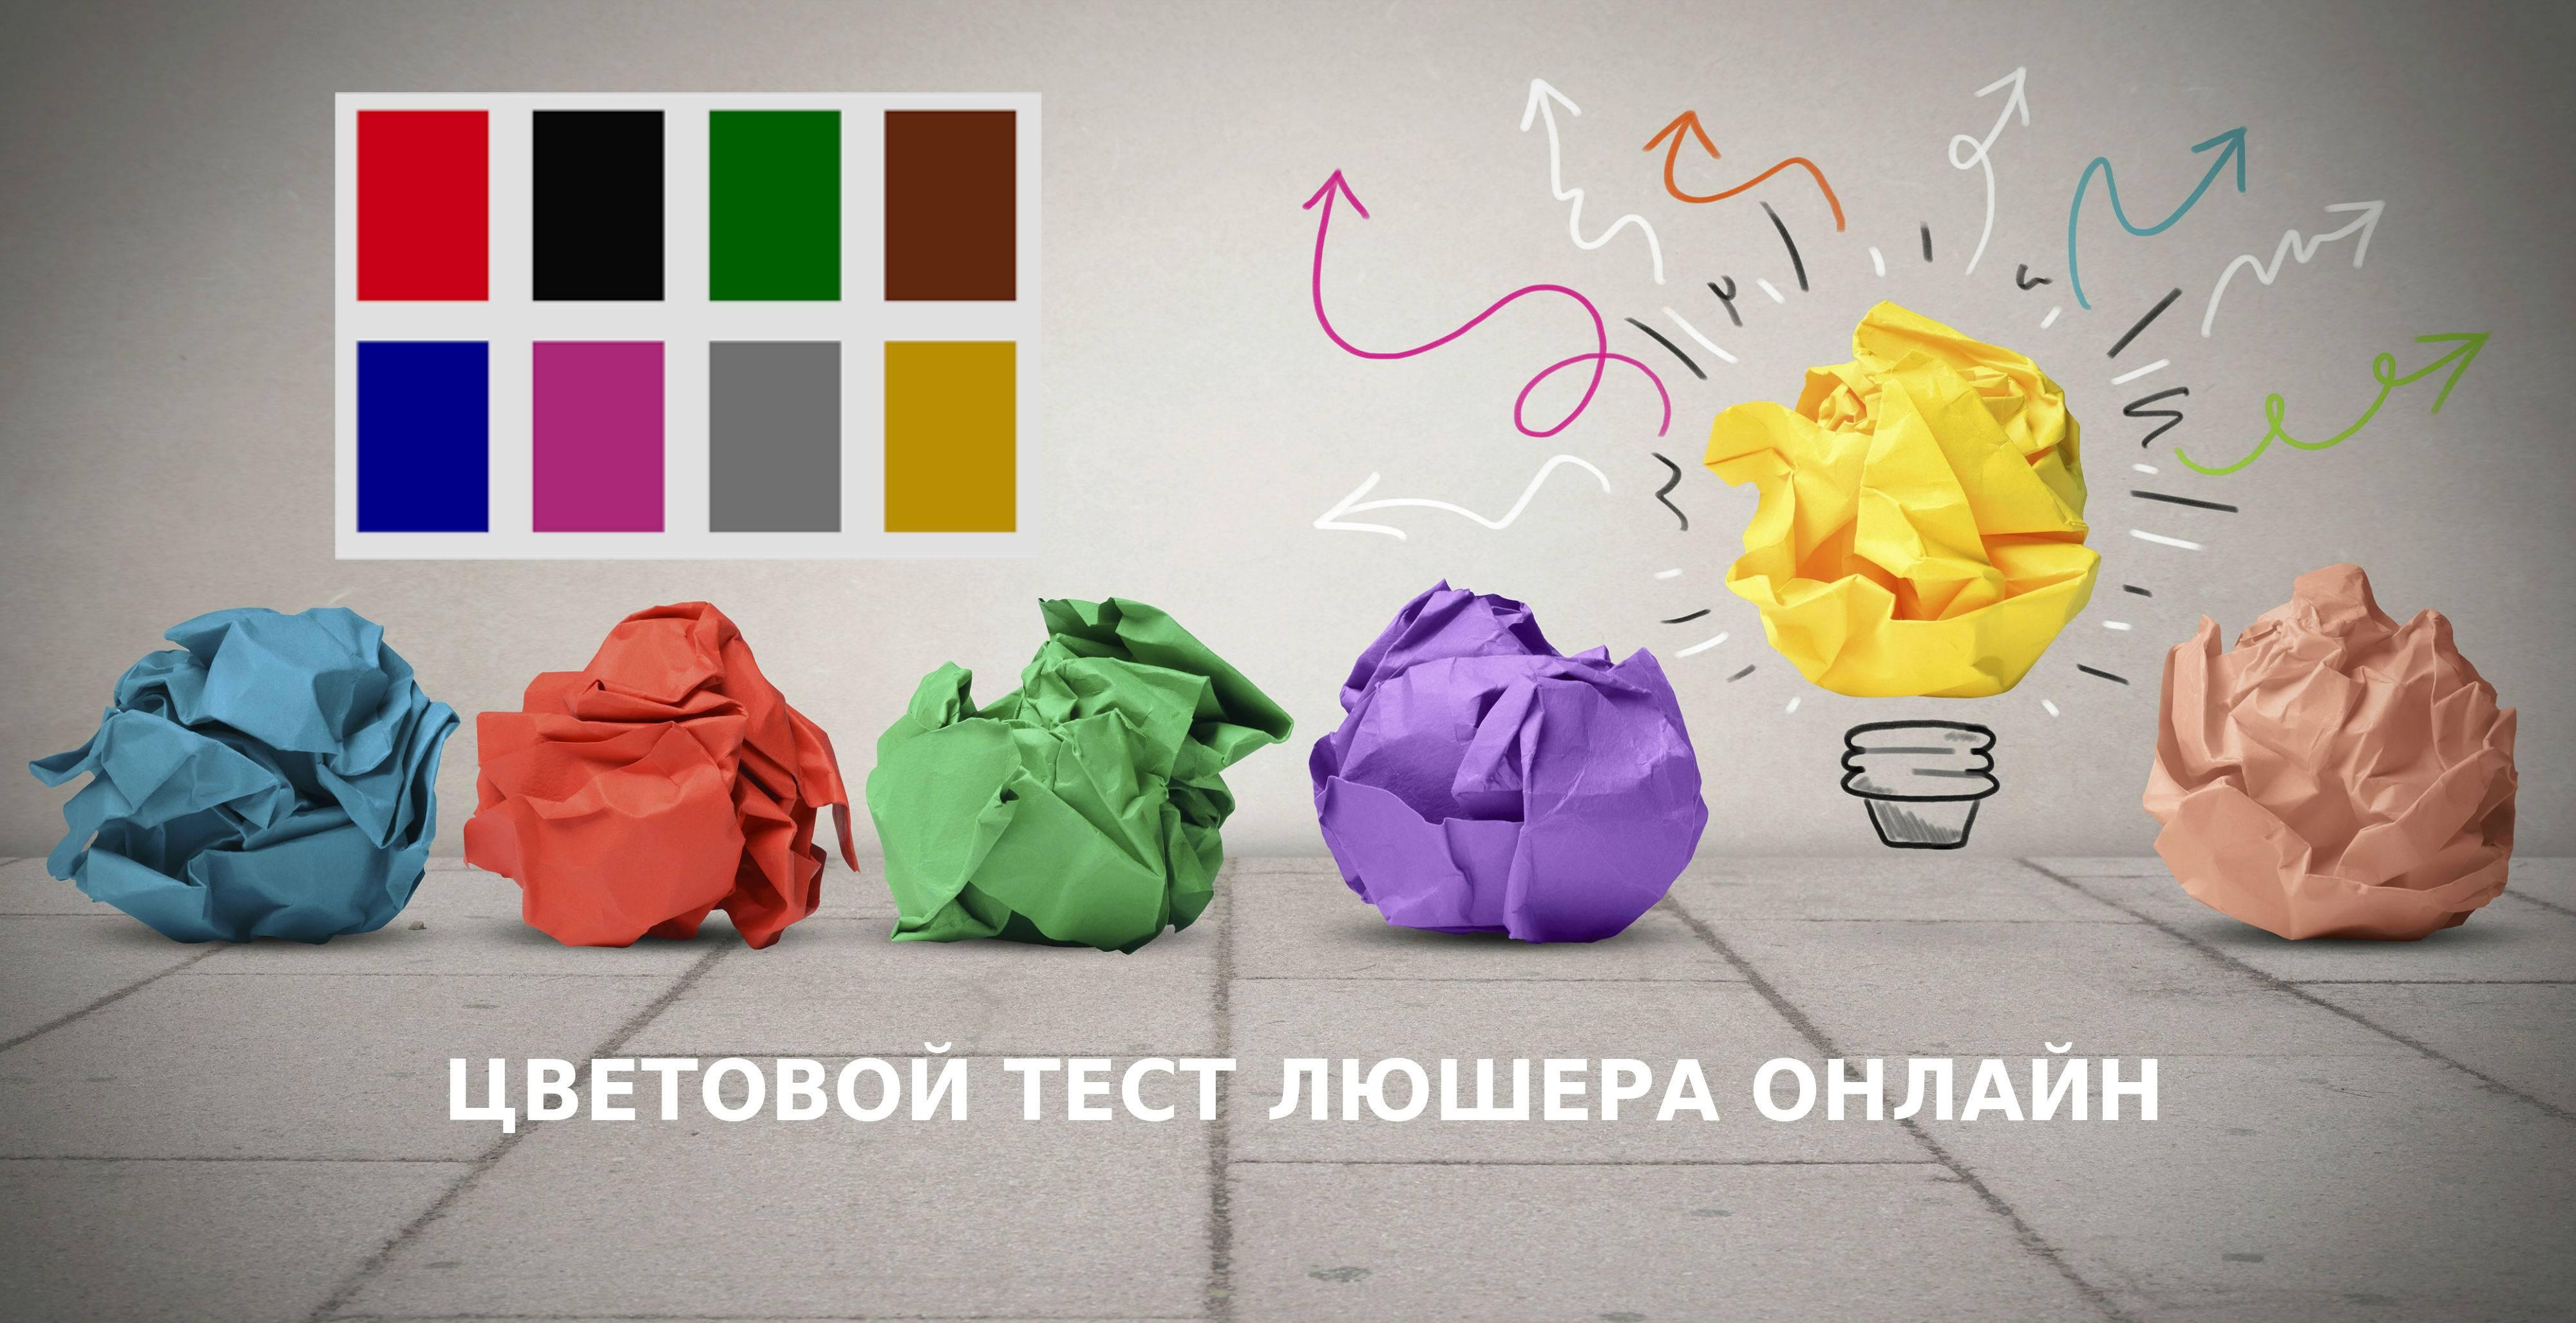 Макс люшер «цвет это инструмент диагностики». макс люшер - это один из самых известных психологов и психотерапевтов. - презентация